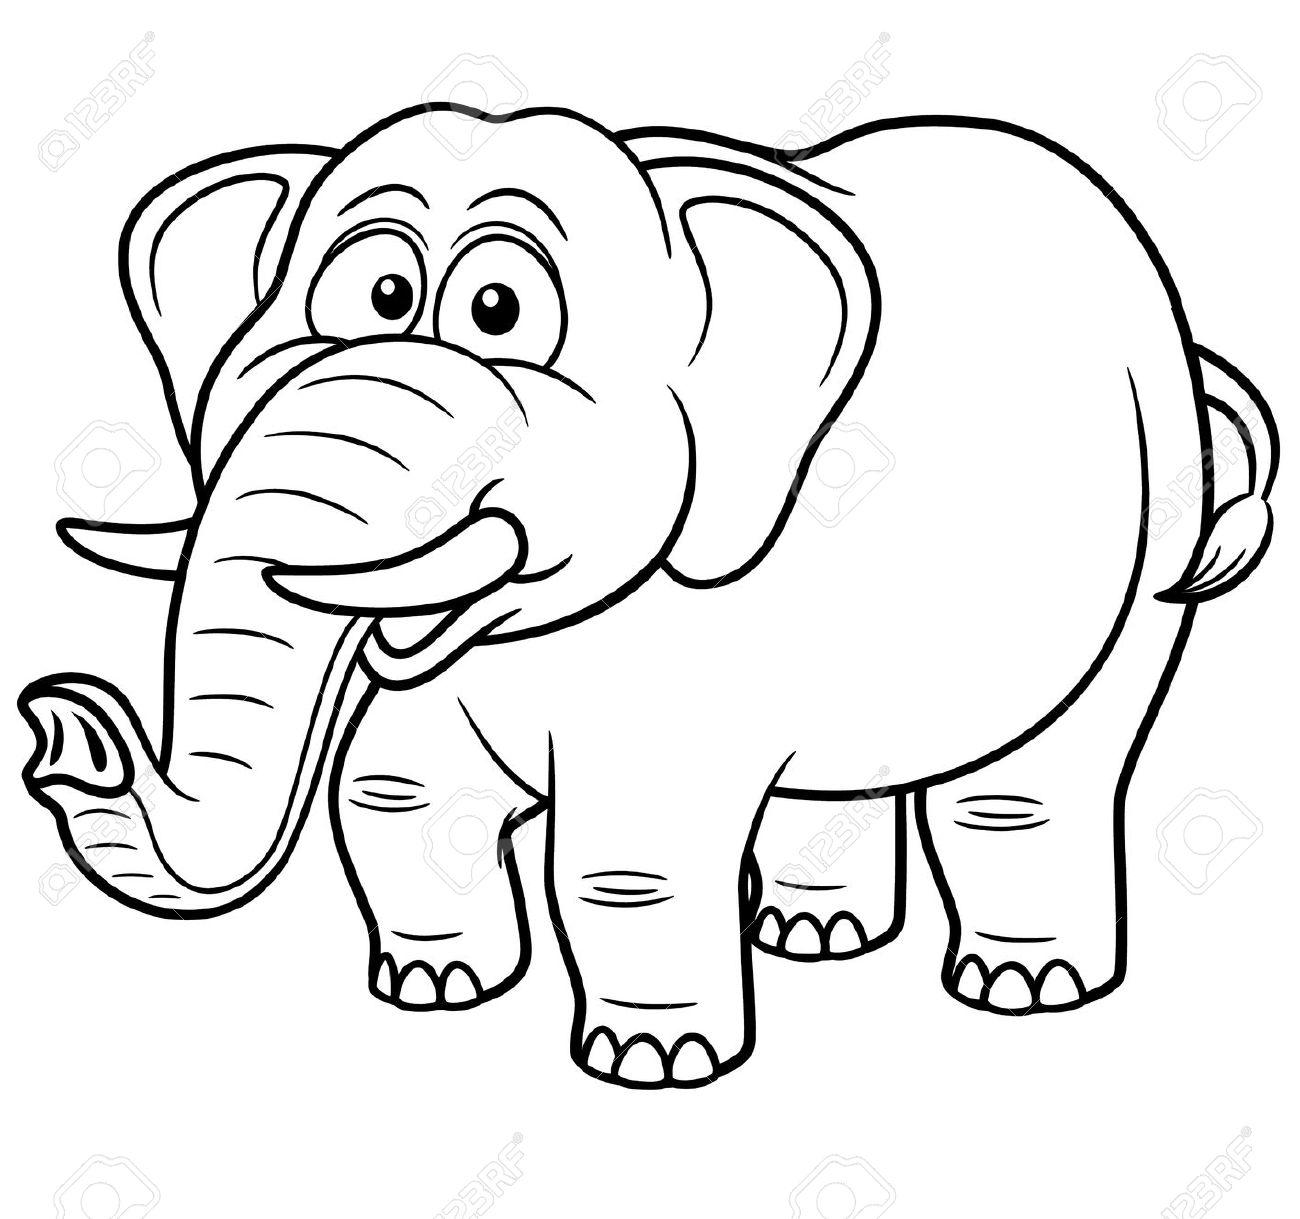 1300x1219 Unique Elephant Pictures For Kids Best Design Ideas